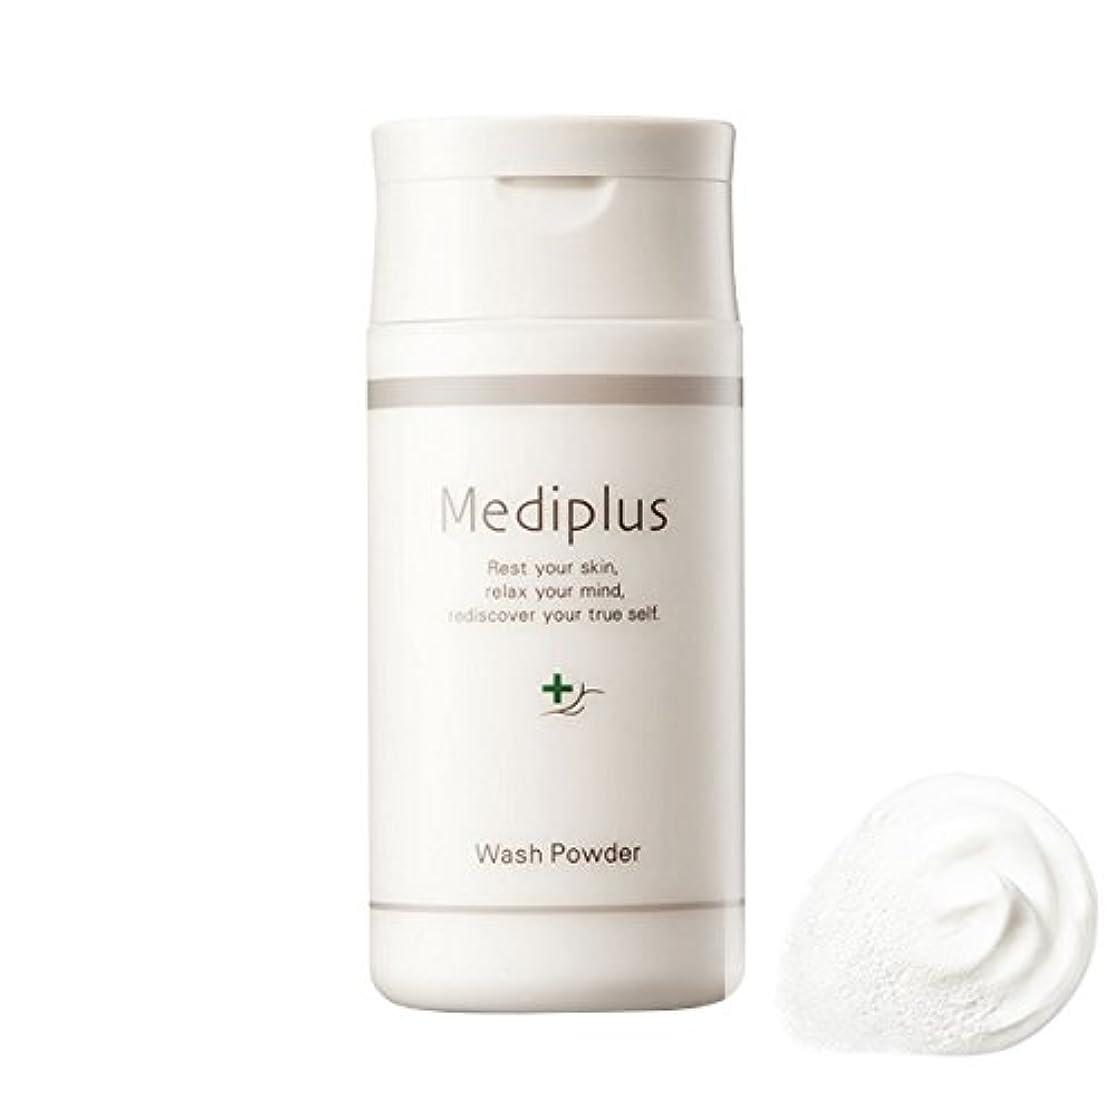 原告請願者ブッシュmediplus メディプラス 酵素洗顔料 ウォッシュパウダー 60g 約2ヶ月分